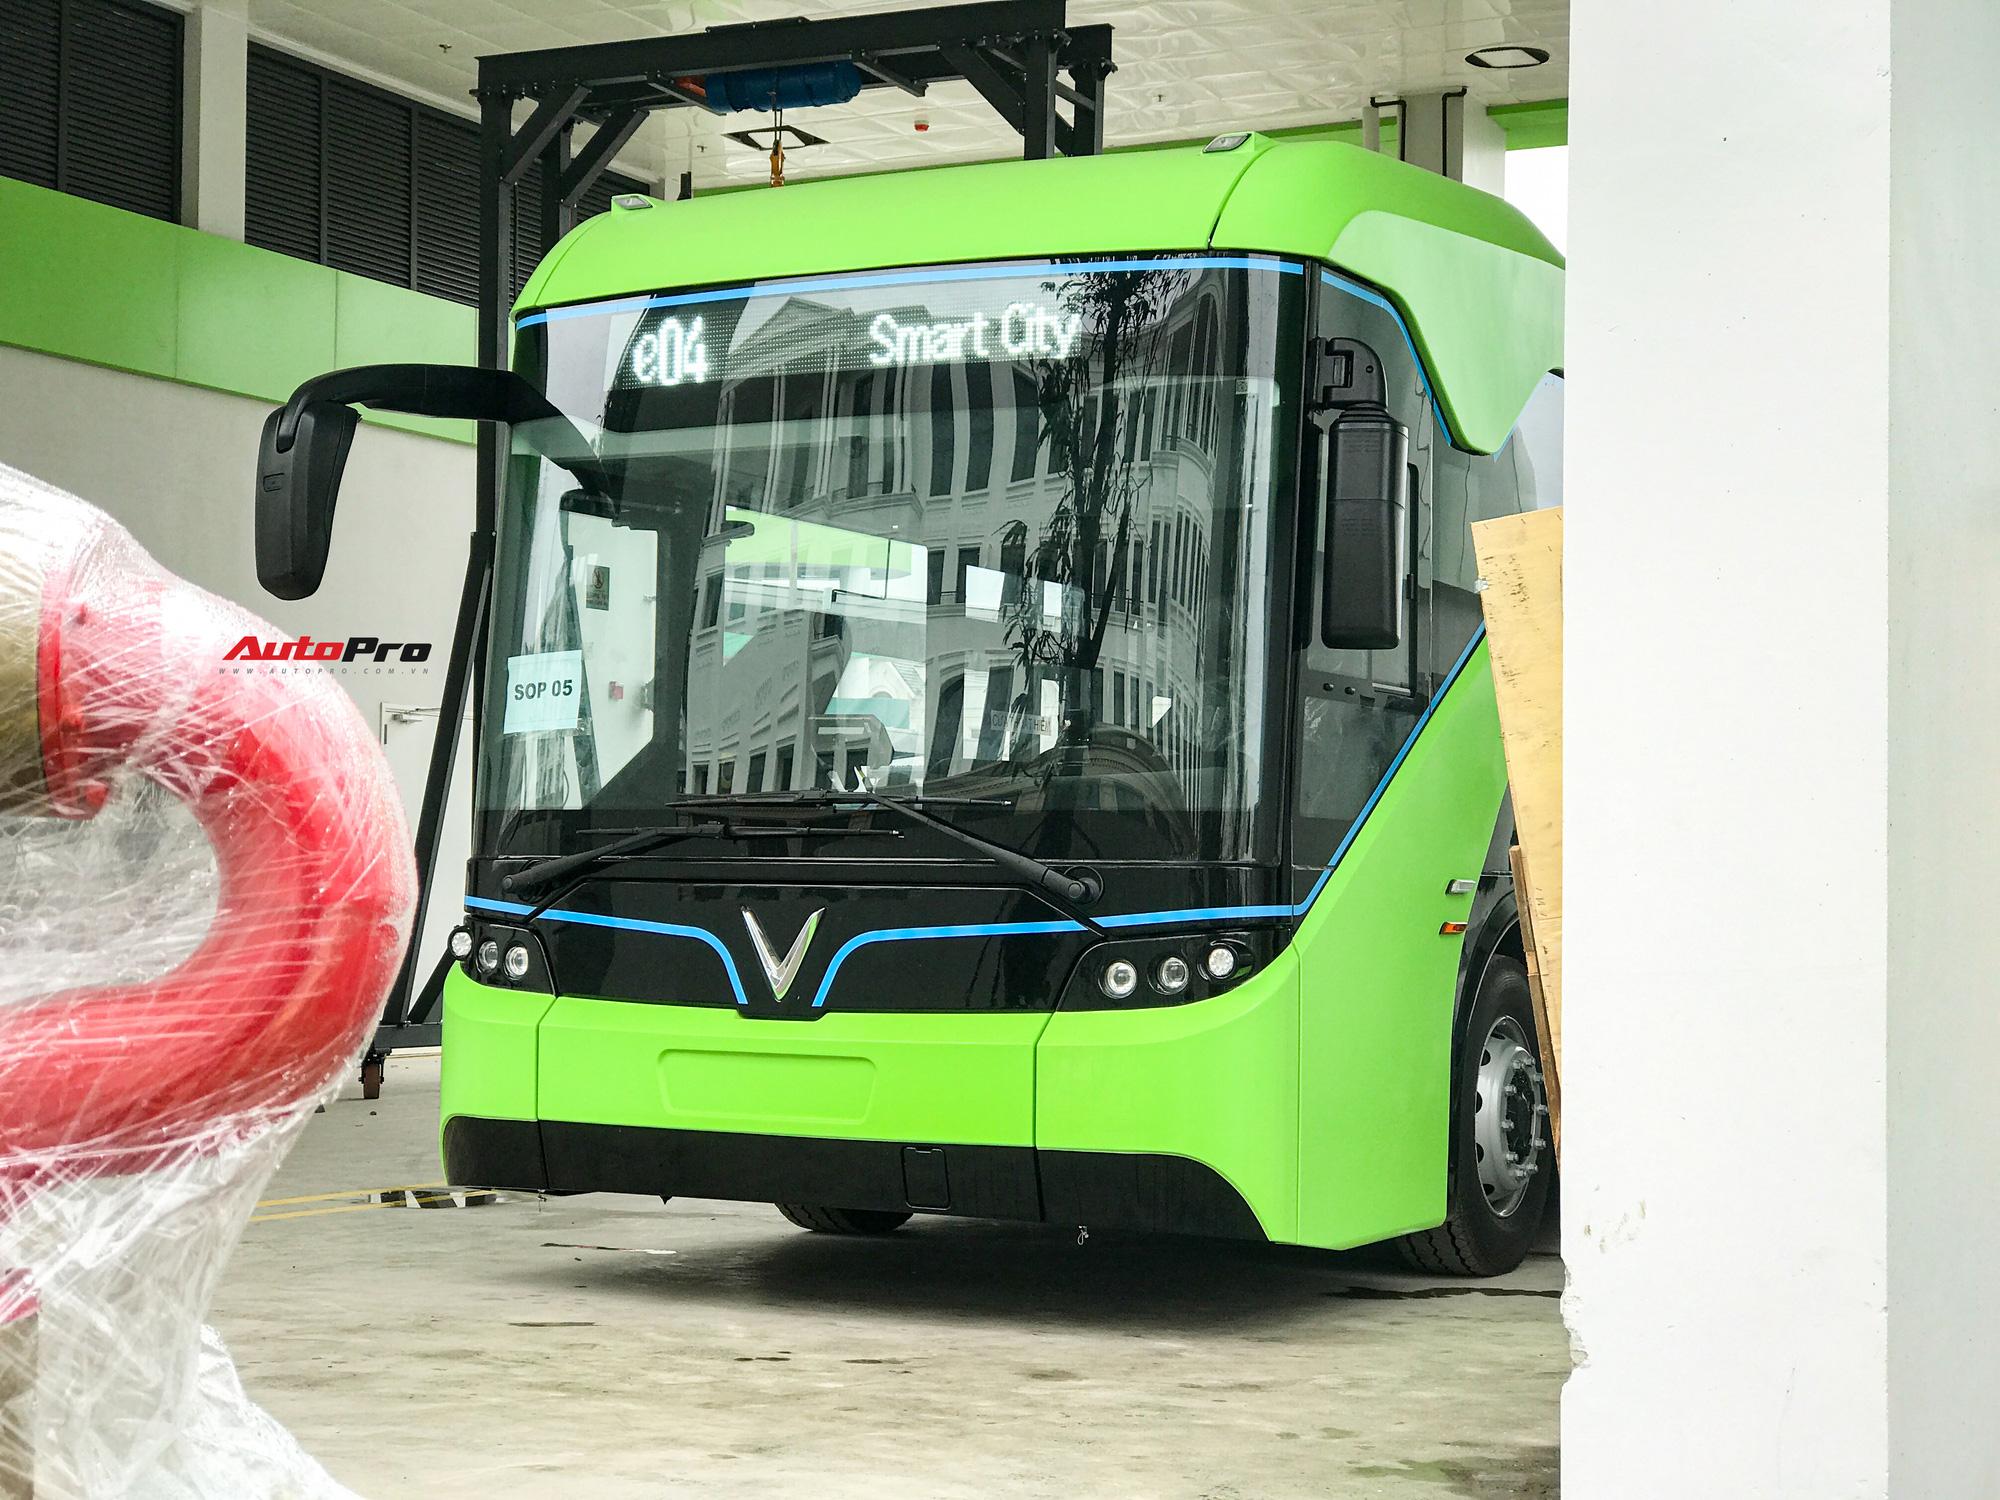 vinbus 1 1617335214281699172262 VinBus đầu tiên lăn bánh tại Hà Nội: Êm, không khí thải, bãi đỗ có pin mặt trời, có khu rửa xe riêng 'xịn sò'